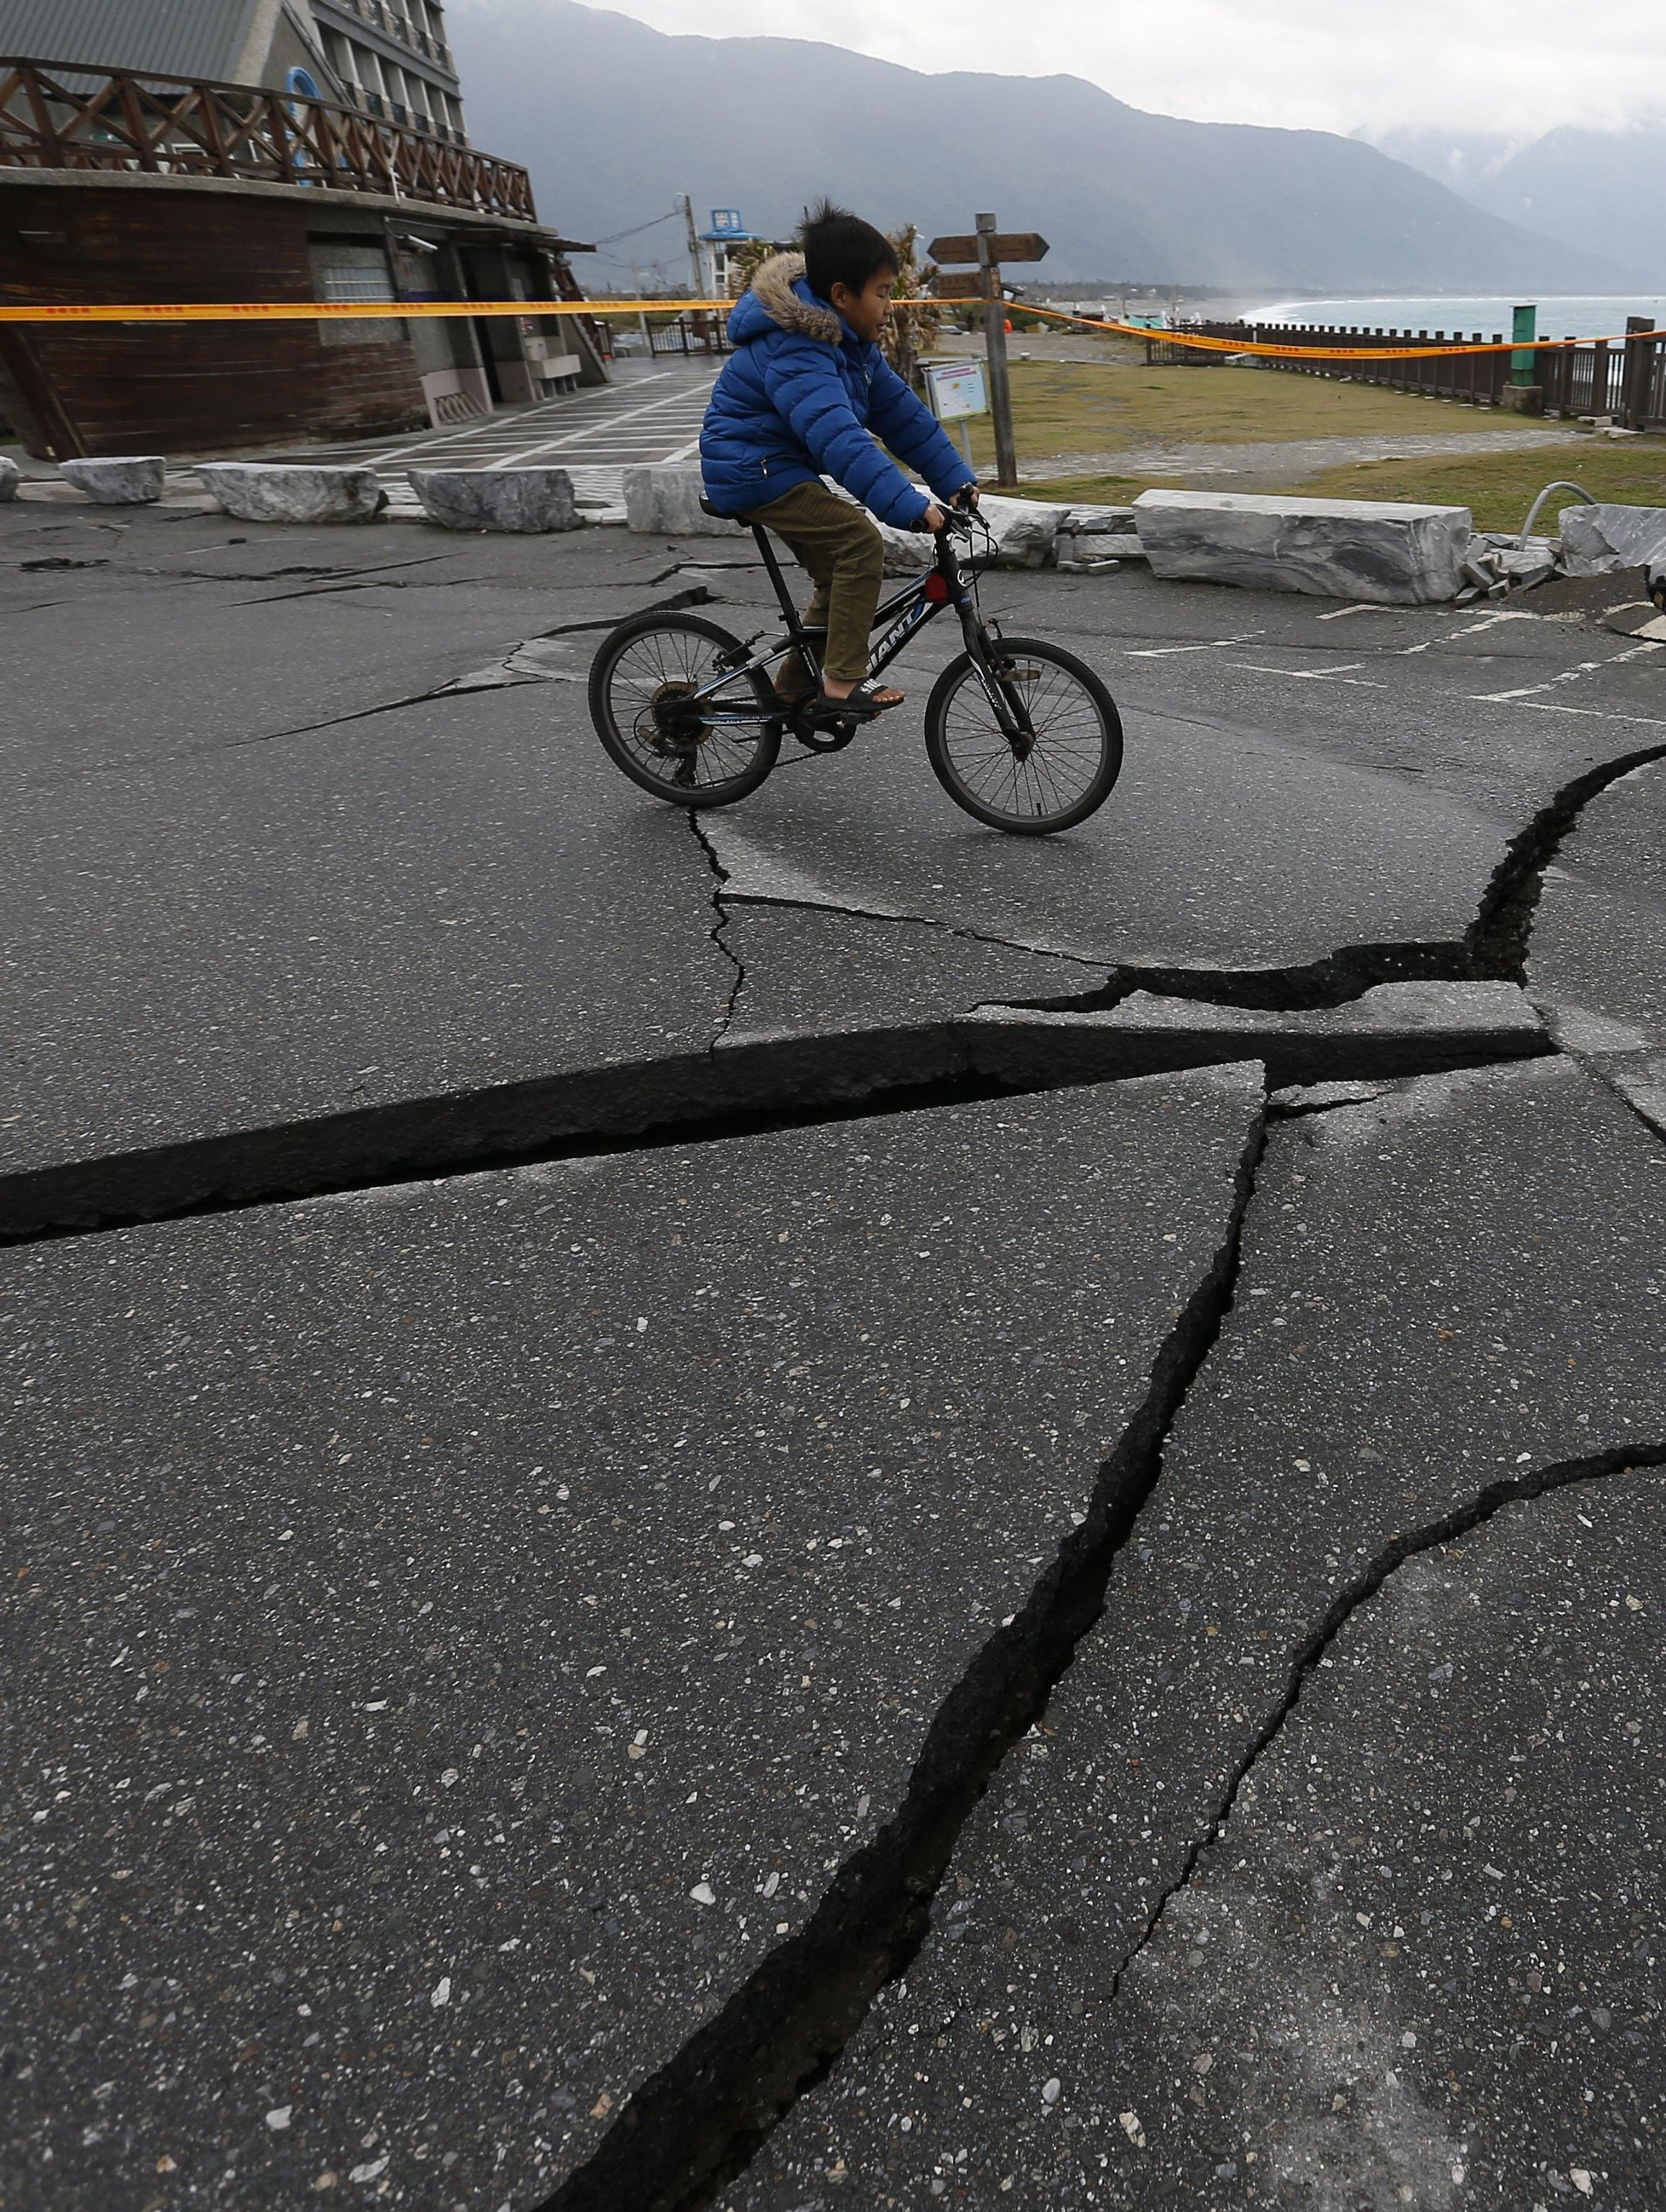 I bambini in bicicletta schivano l'asfalto distrutto